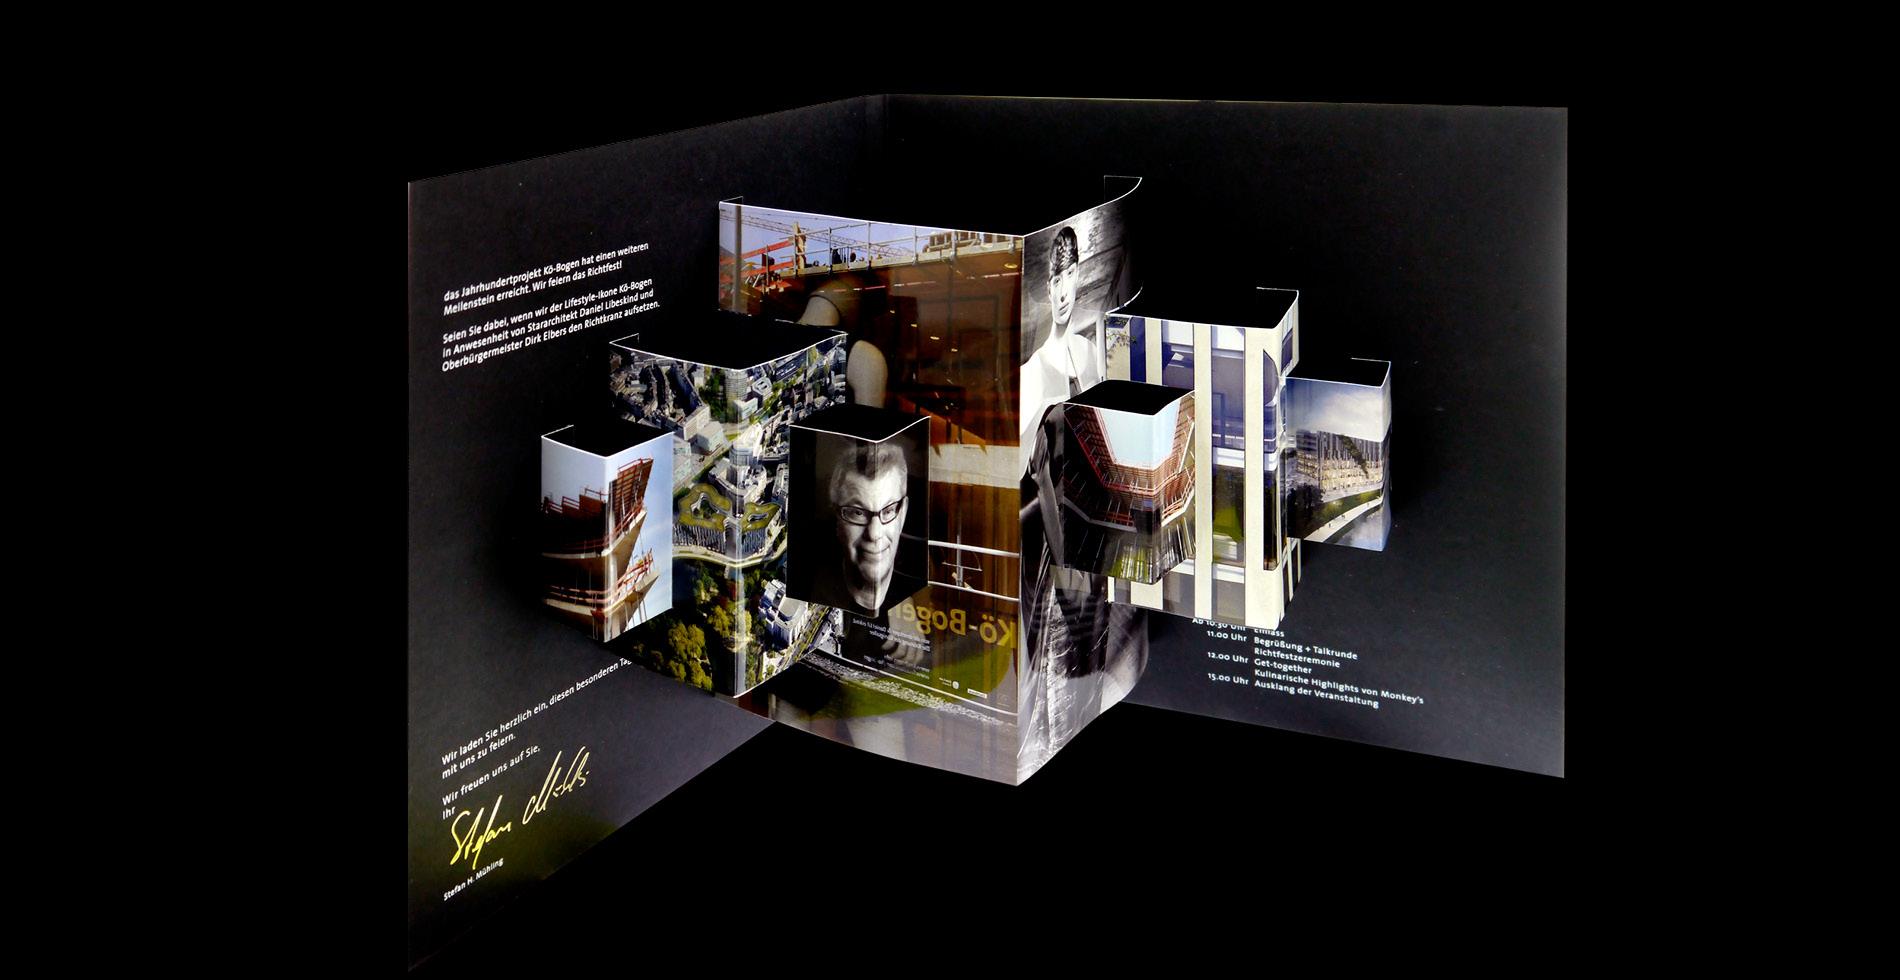 aufgeklappte Einladung zum Koe-Bogen Richtfest zur Vermarktung der Gewerbeimmobilie Koe-Bogen